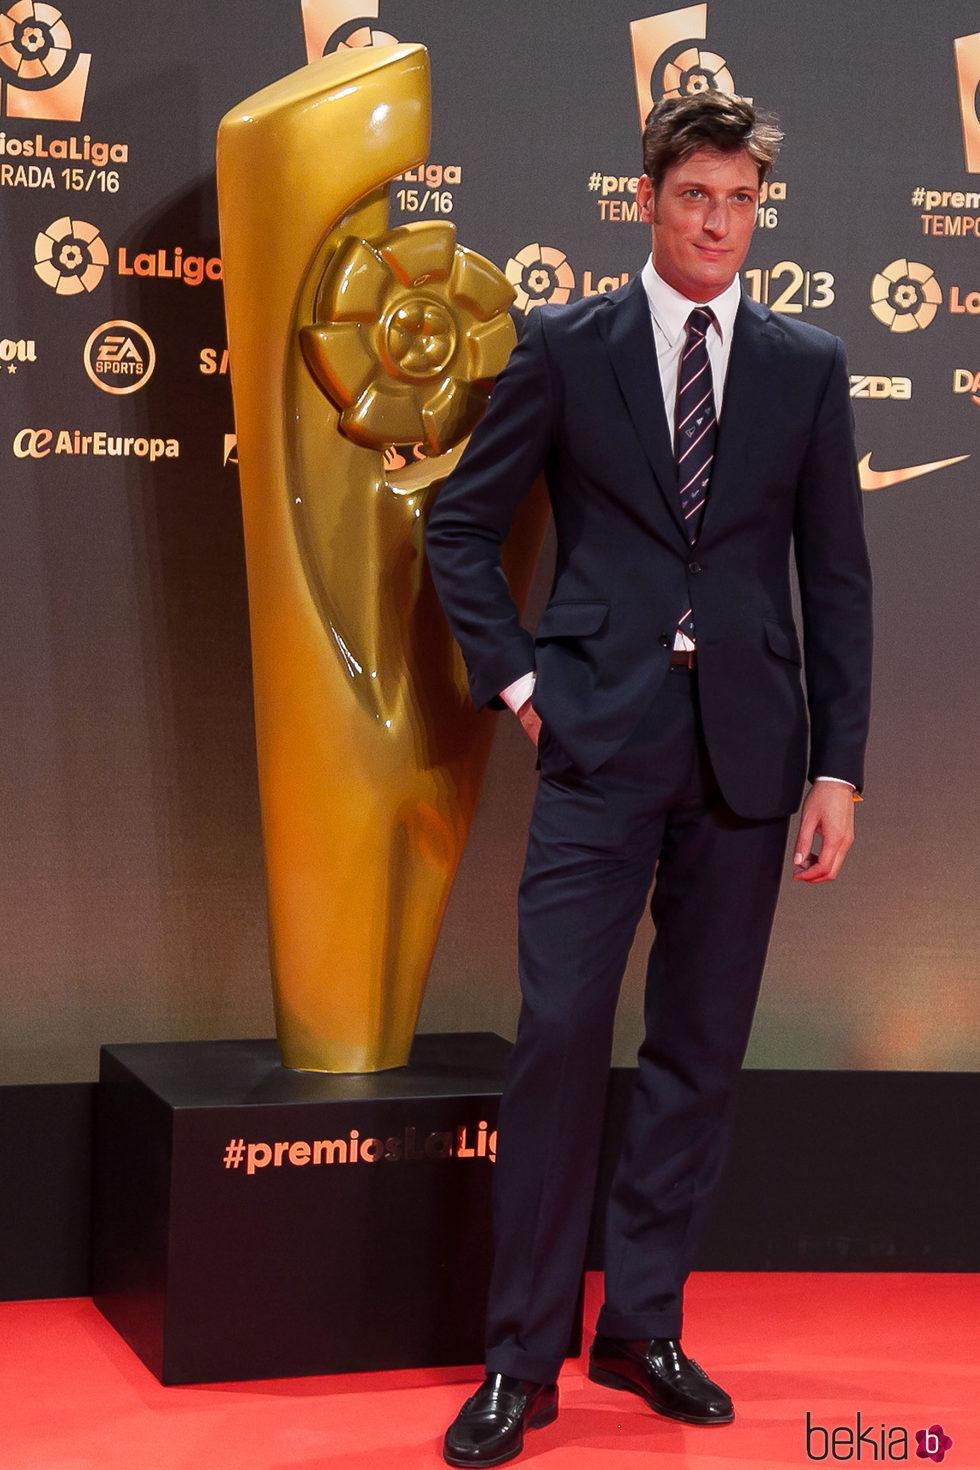 Luis Medina en los Premios La Liga 2016 en Valencia